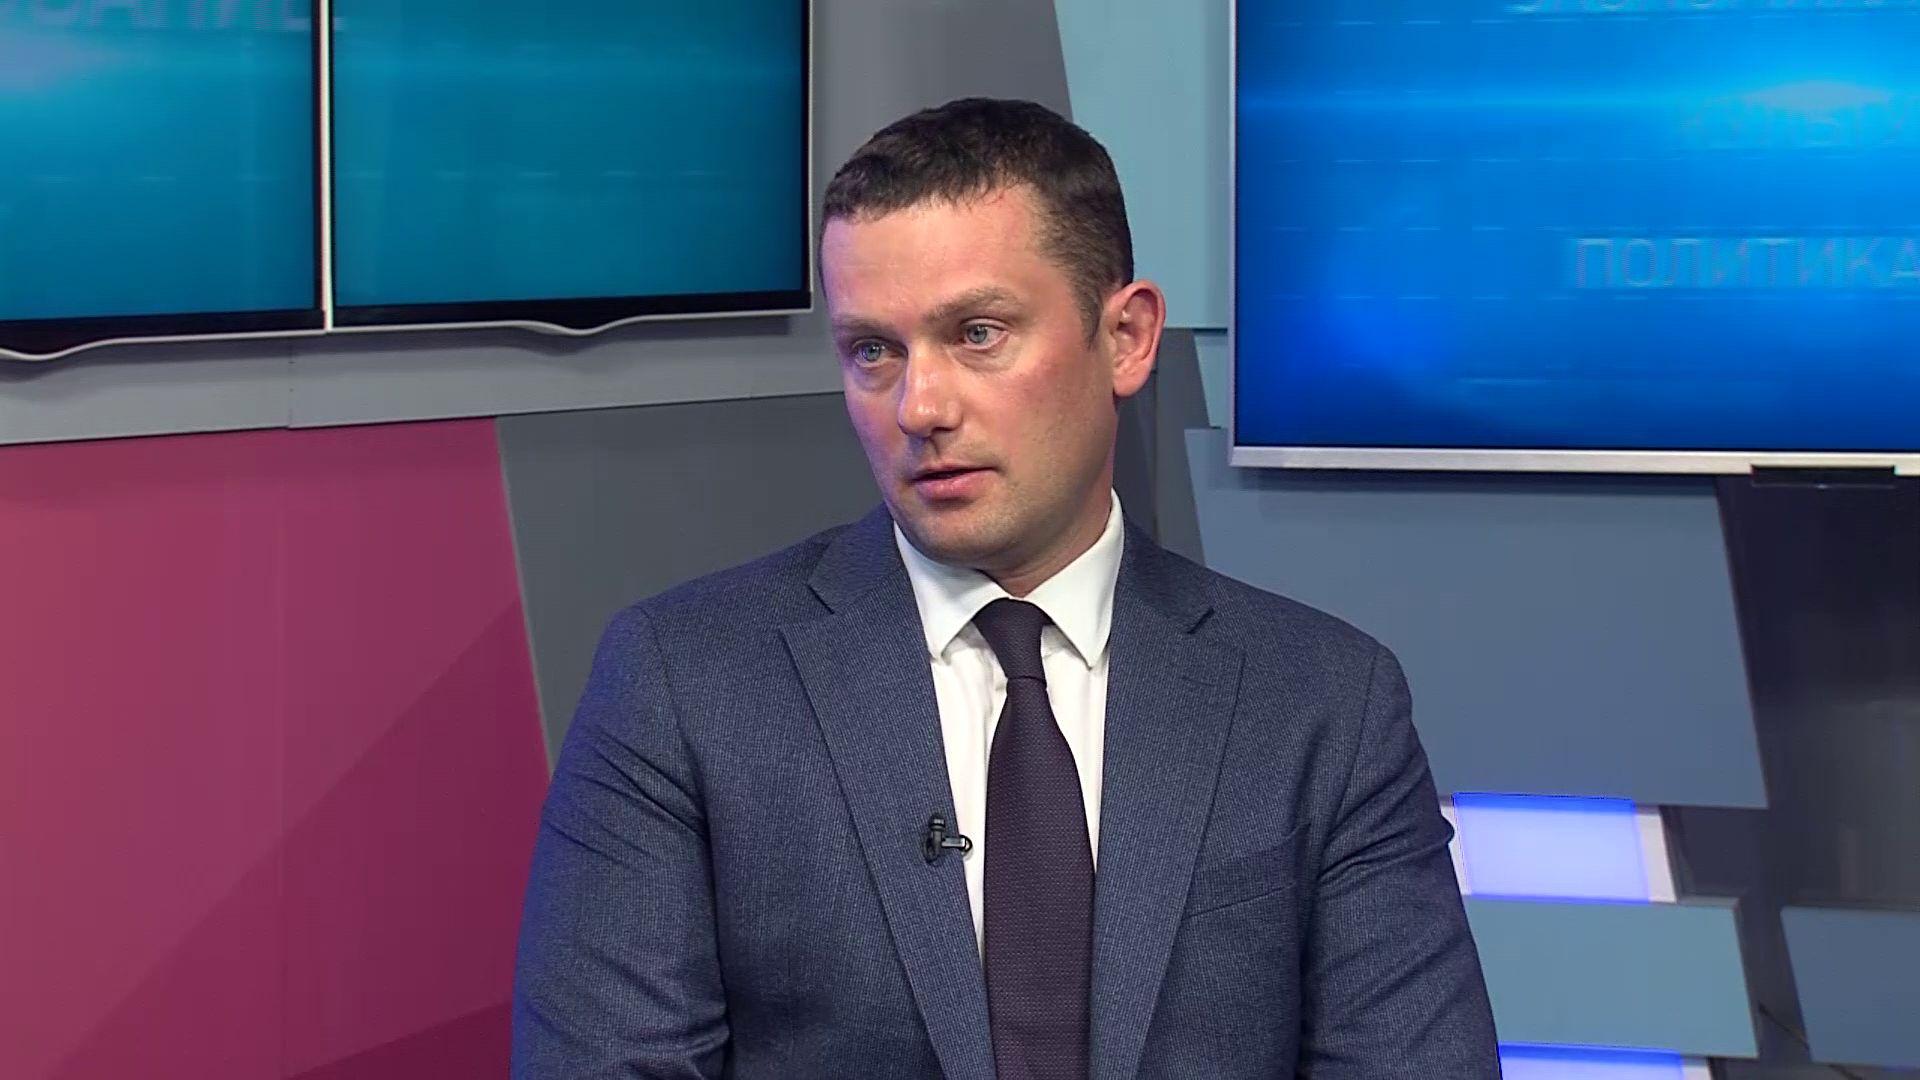 Программа «В тему» от 20.05.20: Евгений Моисеев о дорожных работах в 2020 году